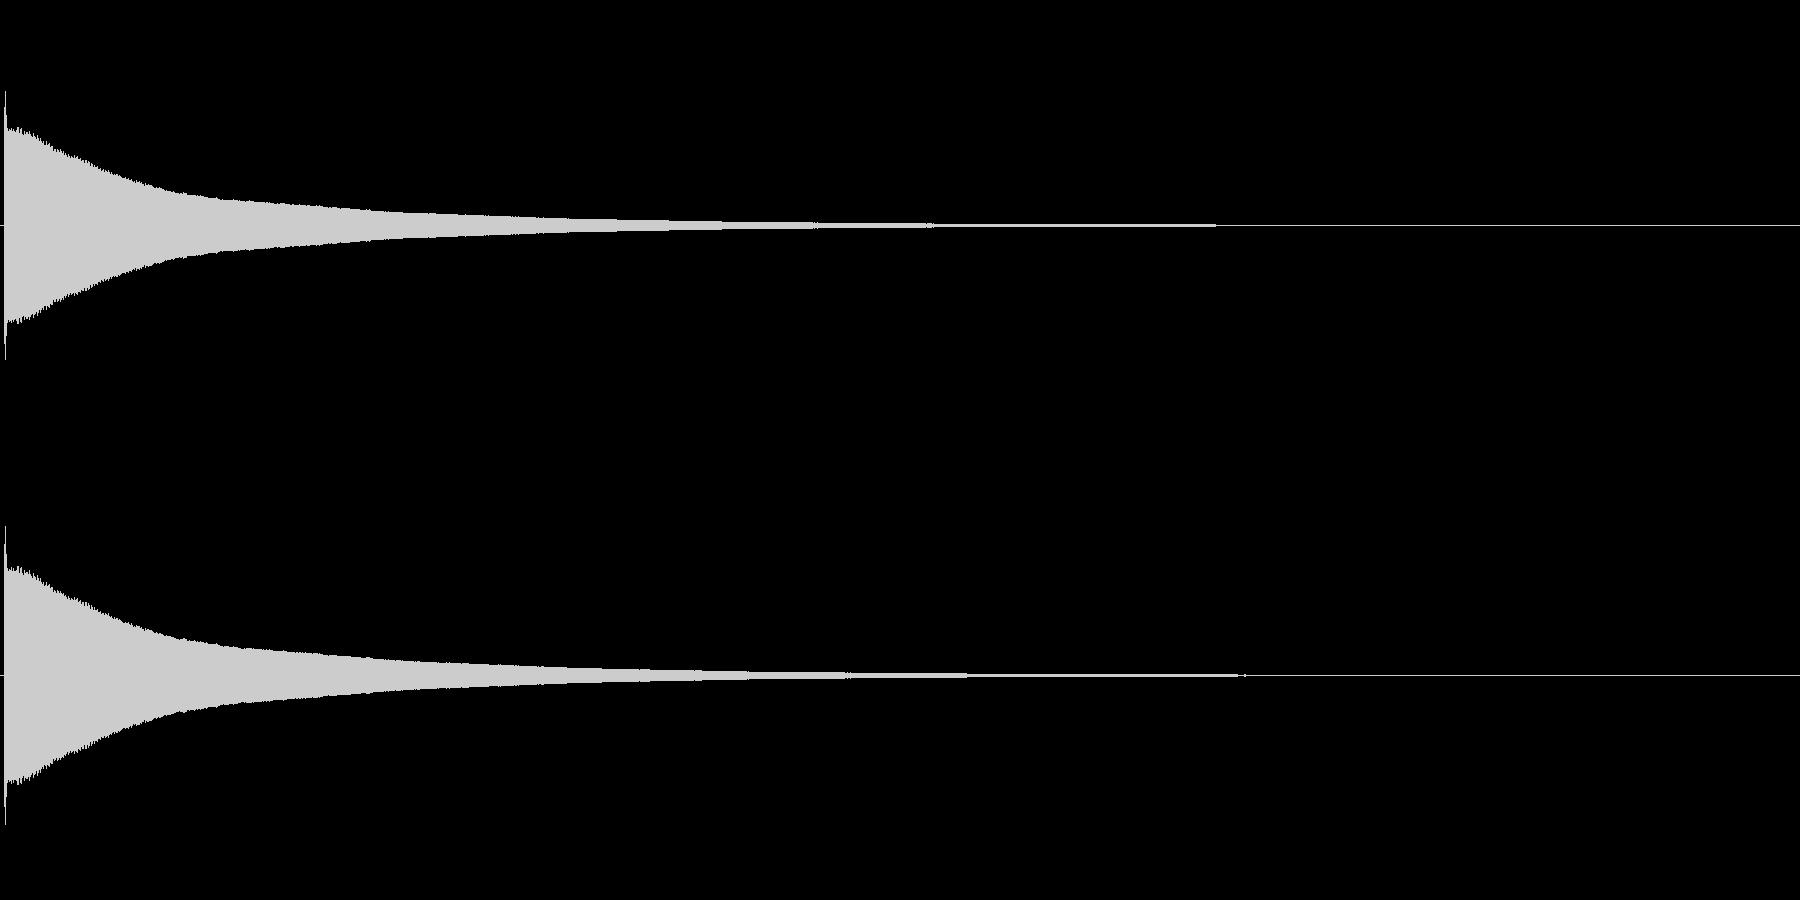 チーン(電子音)2の未再生の波形